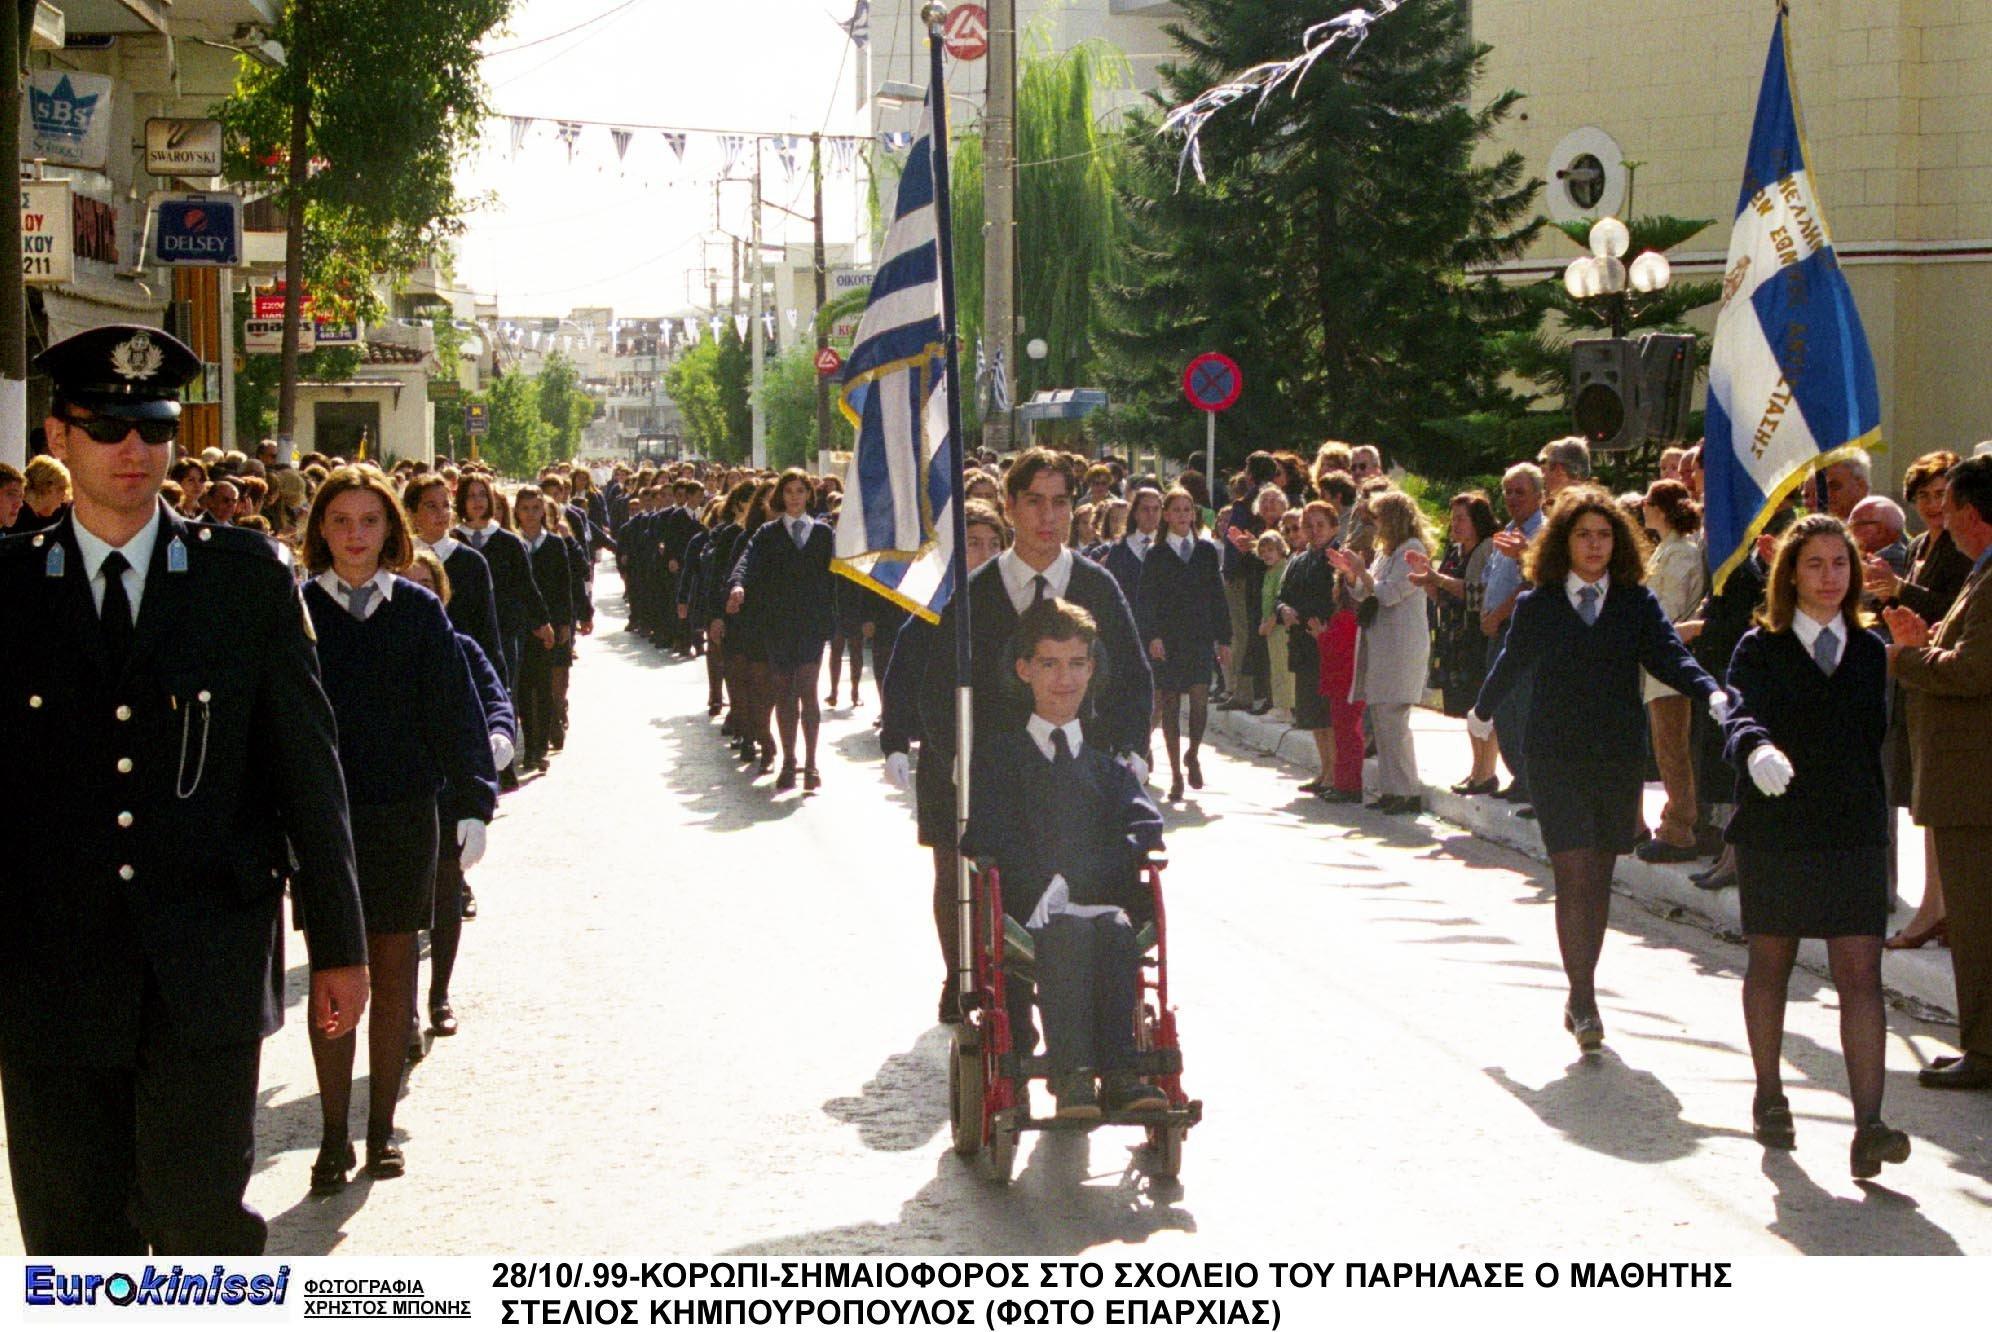 Το 1999 ήταν ο πρώτος σημαιοφόρος με κινητική αναπηρία. Σήμερα αγωνίζεται για την ανεξάρτητη διαβίωση